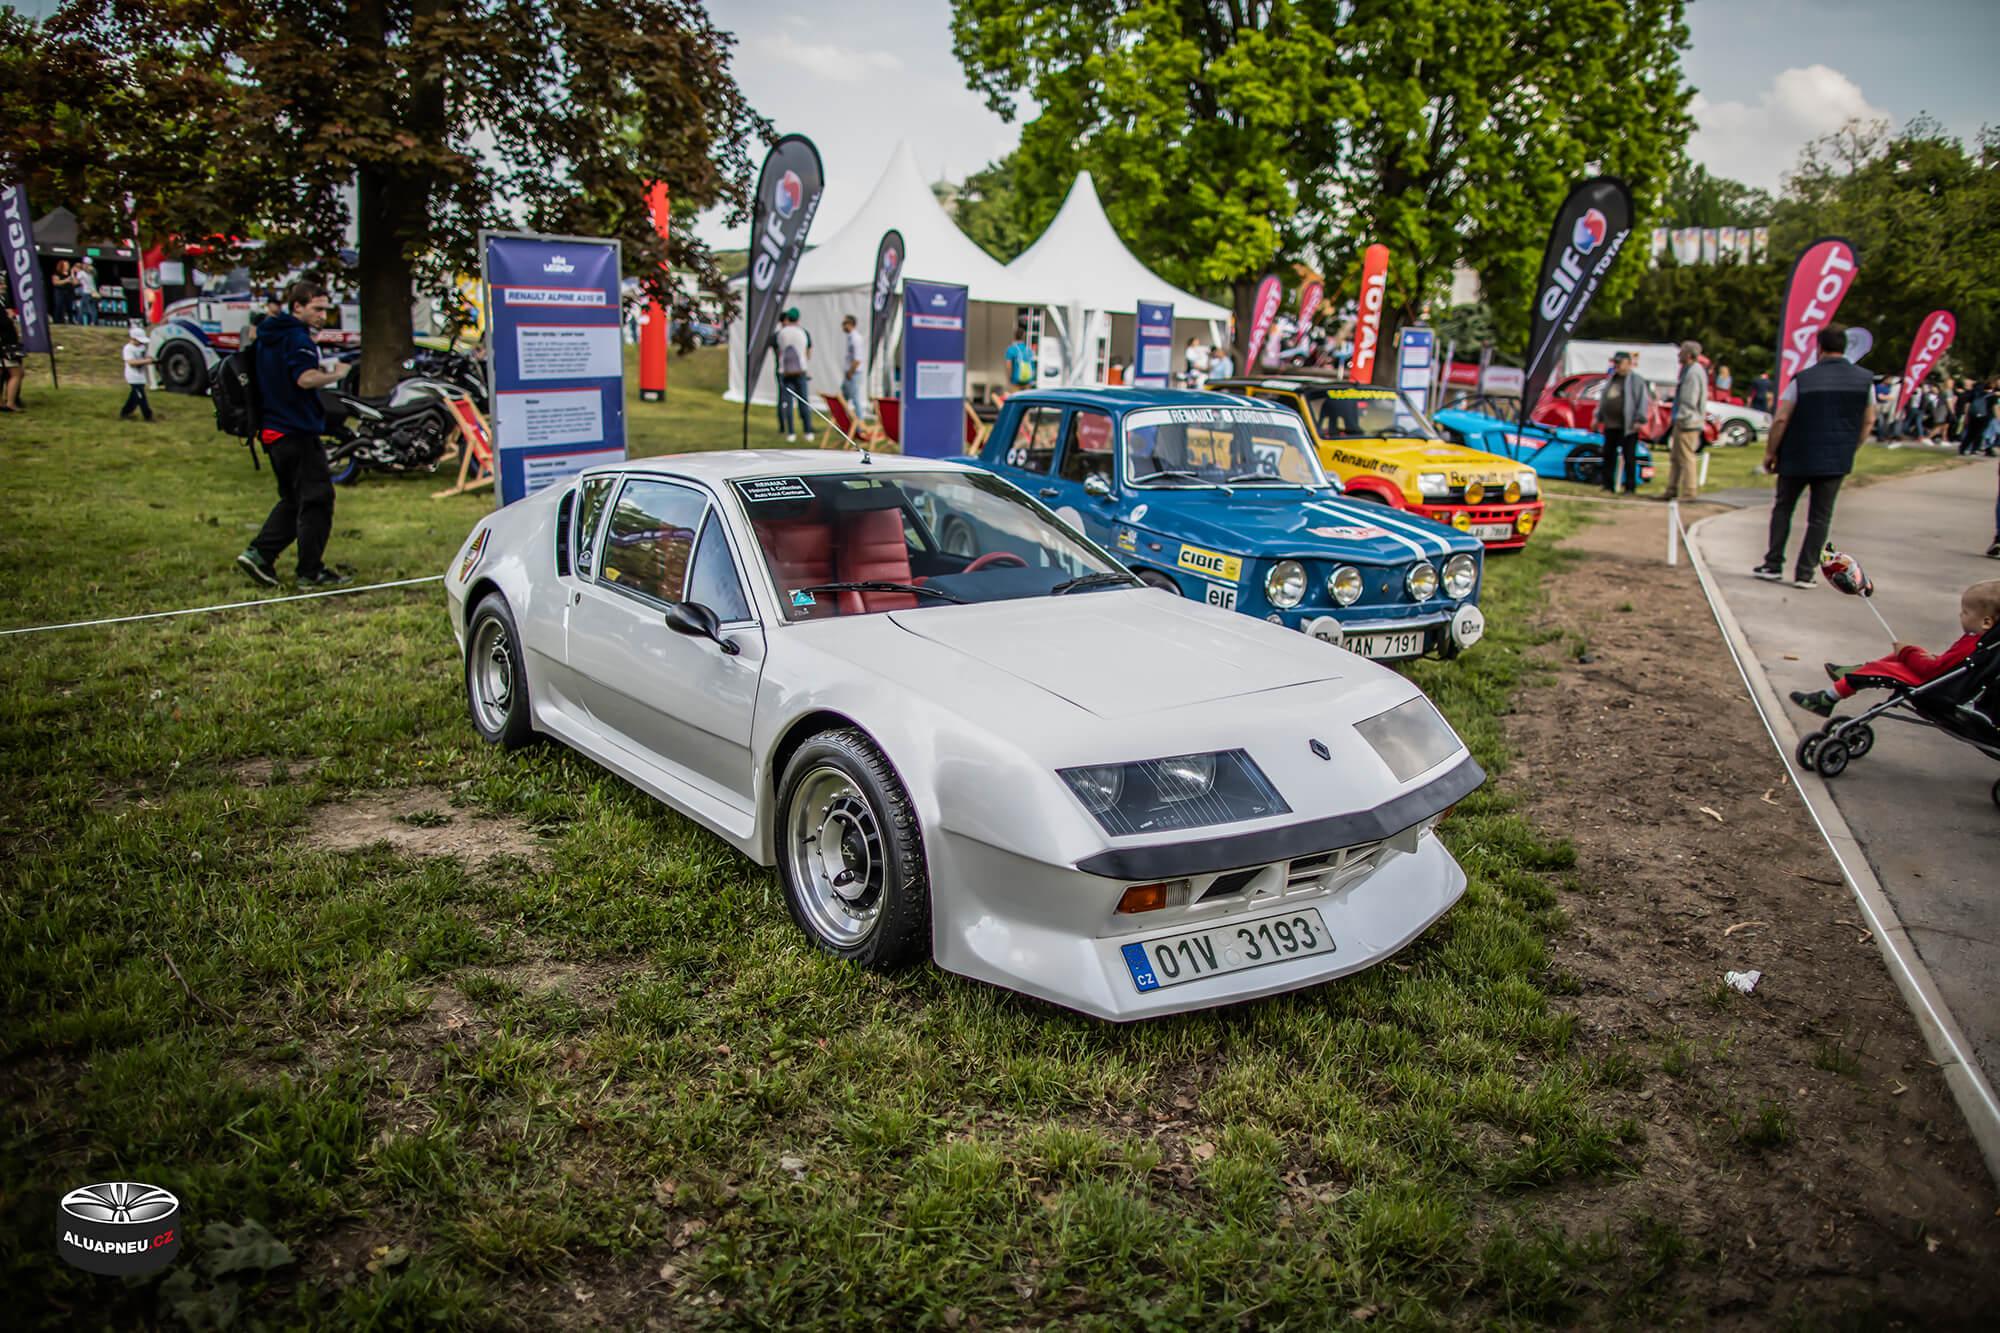 Alpine - originální alu kola - Youngtimer - www.aluapneu.cz